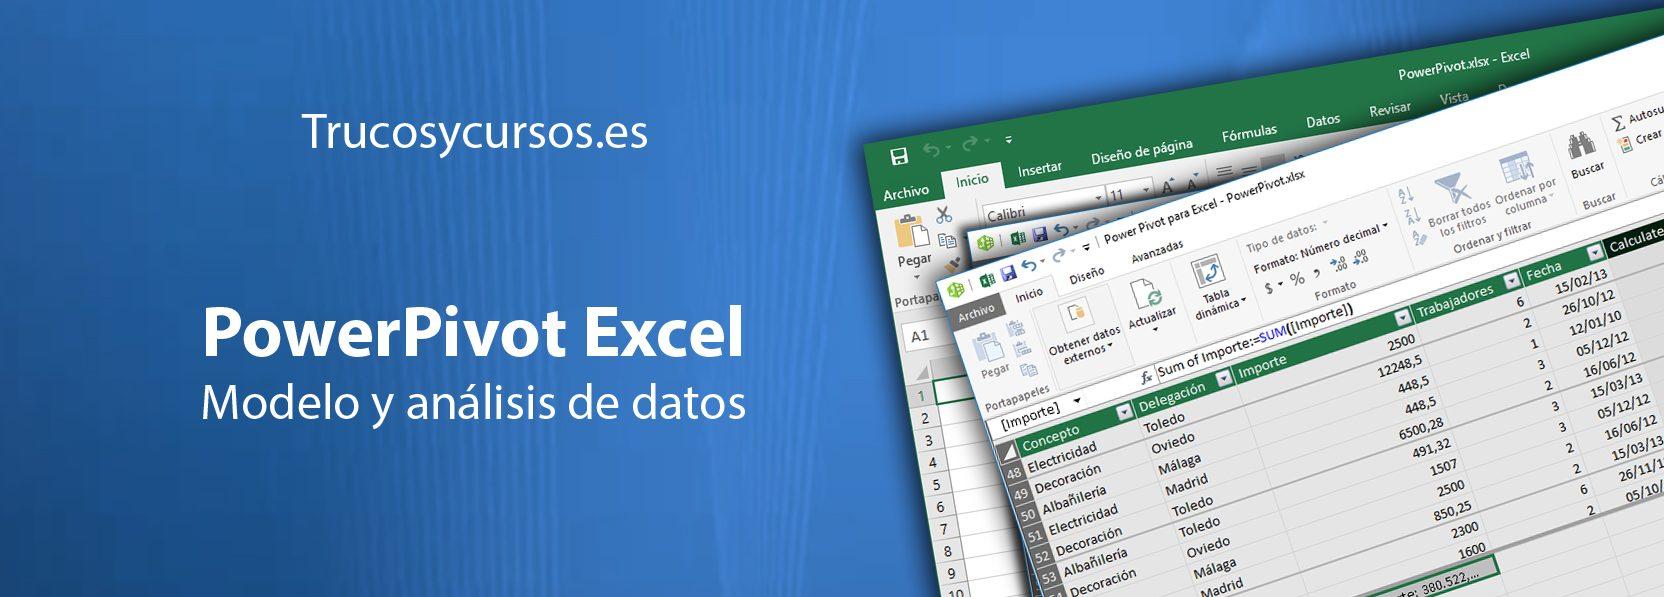 Trucos y Cursos Excel. PowerPivot para  365, 2016, 2013, 2010